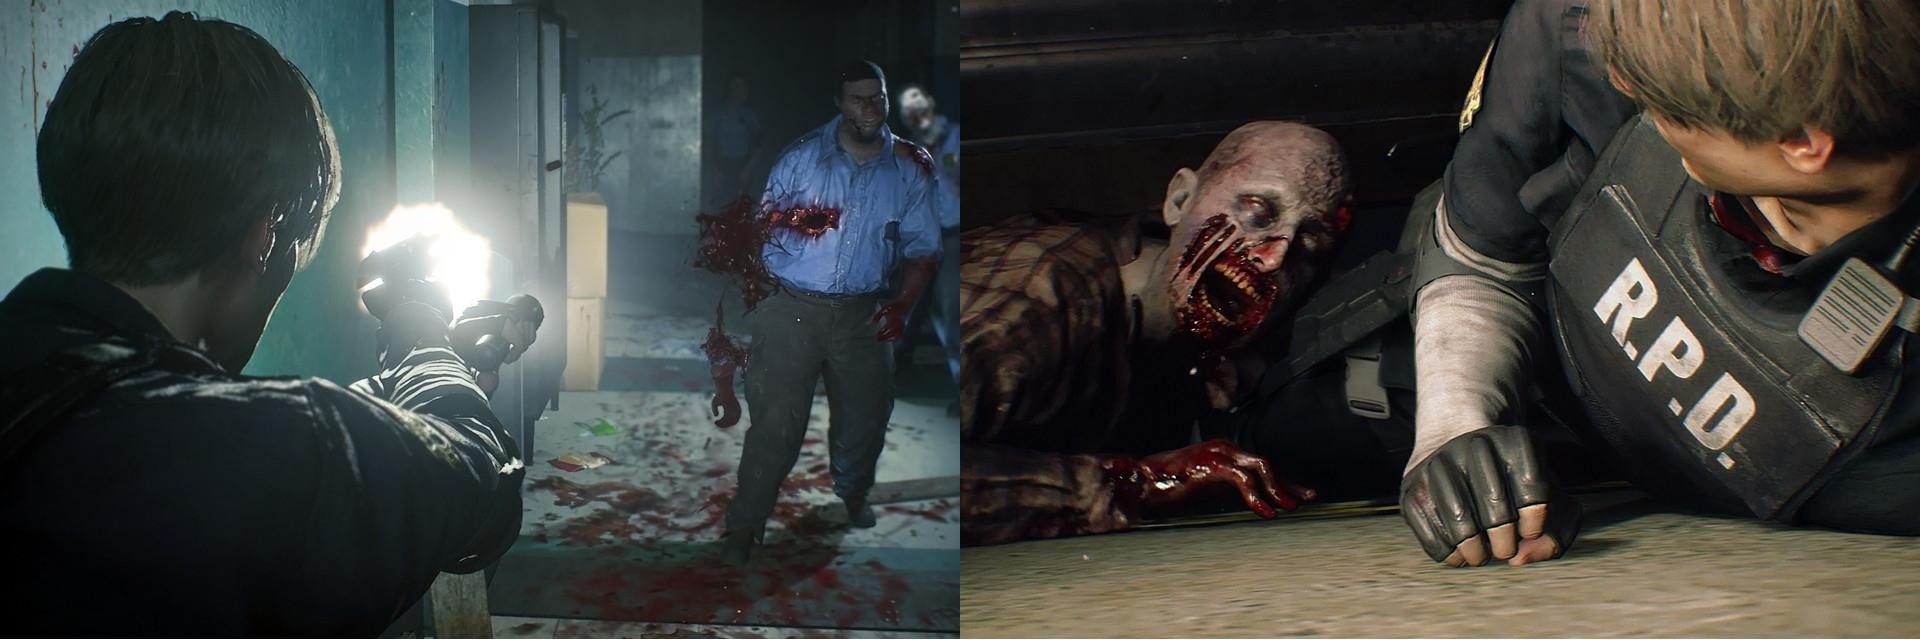 【講 GAME 話】深度恐懼蠶食人心?《惡靈古堡 2》將推重製版 官方:老玩家也能有全新體驗!